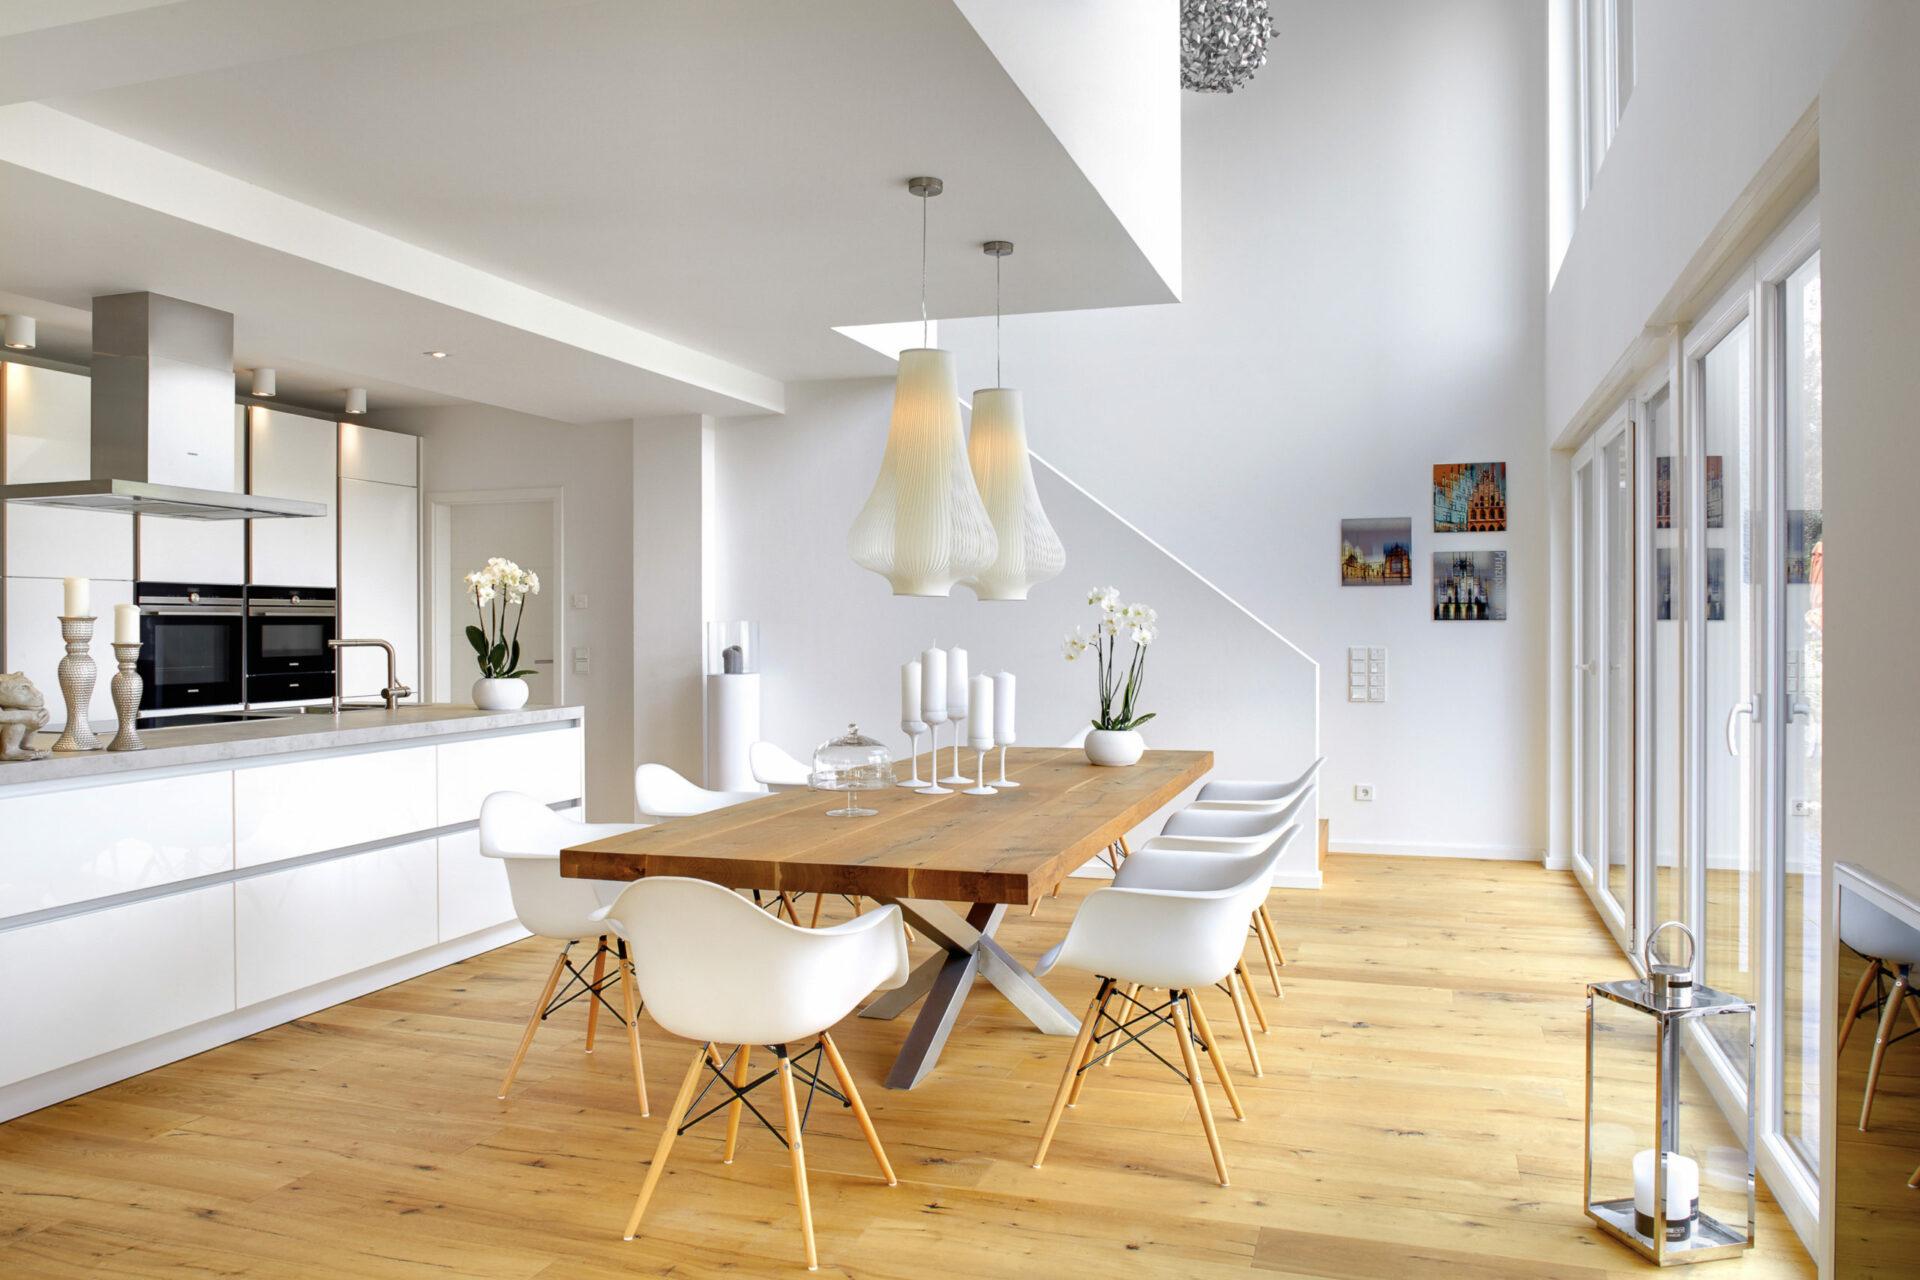 Weiße, offene Küche mit Esszimmer